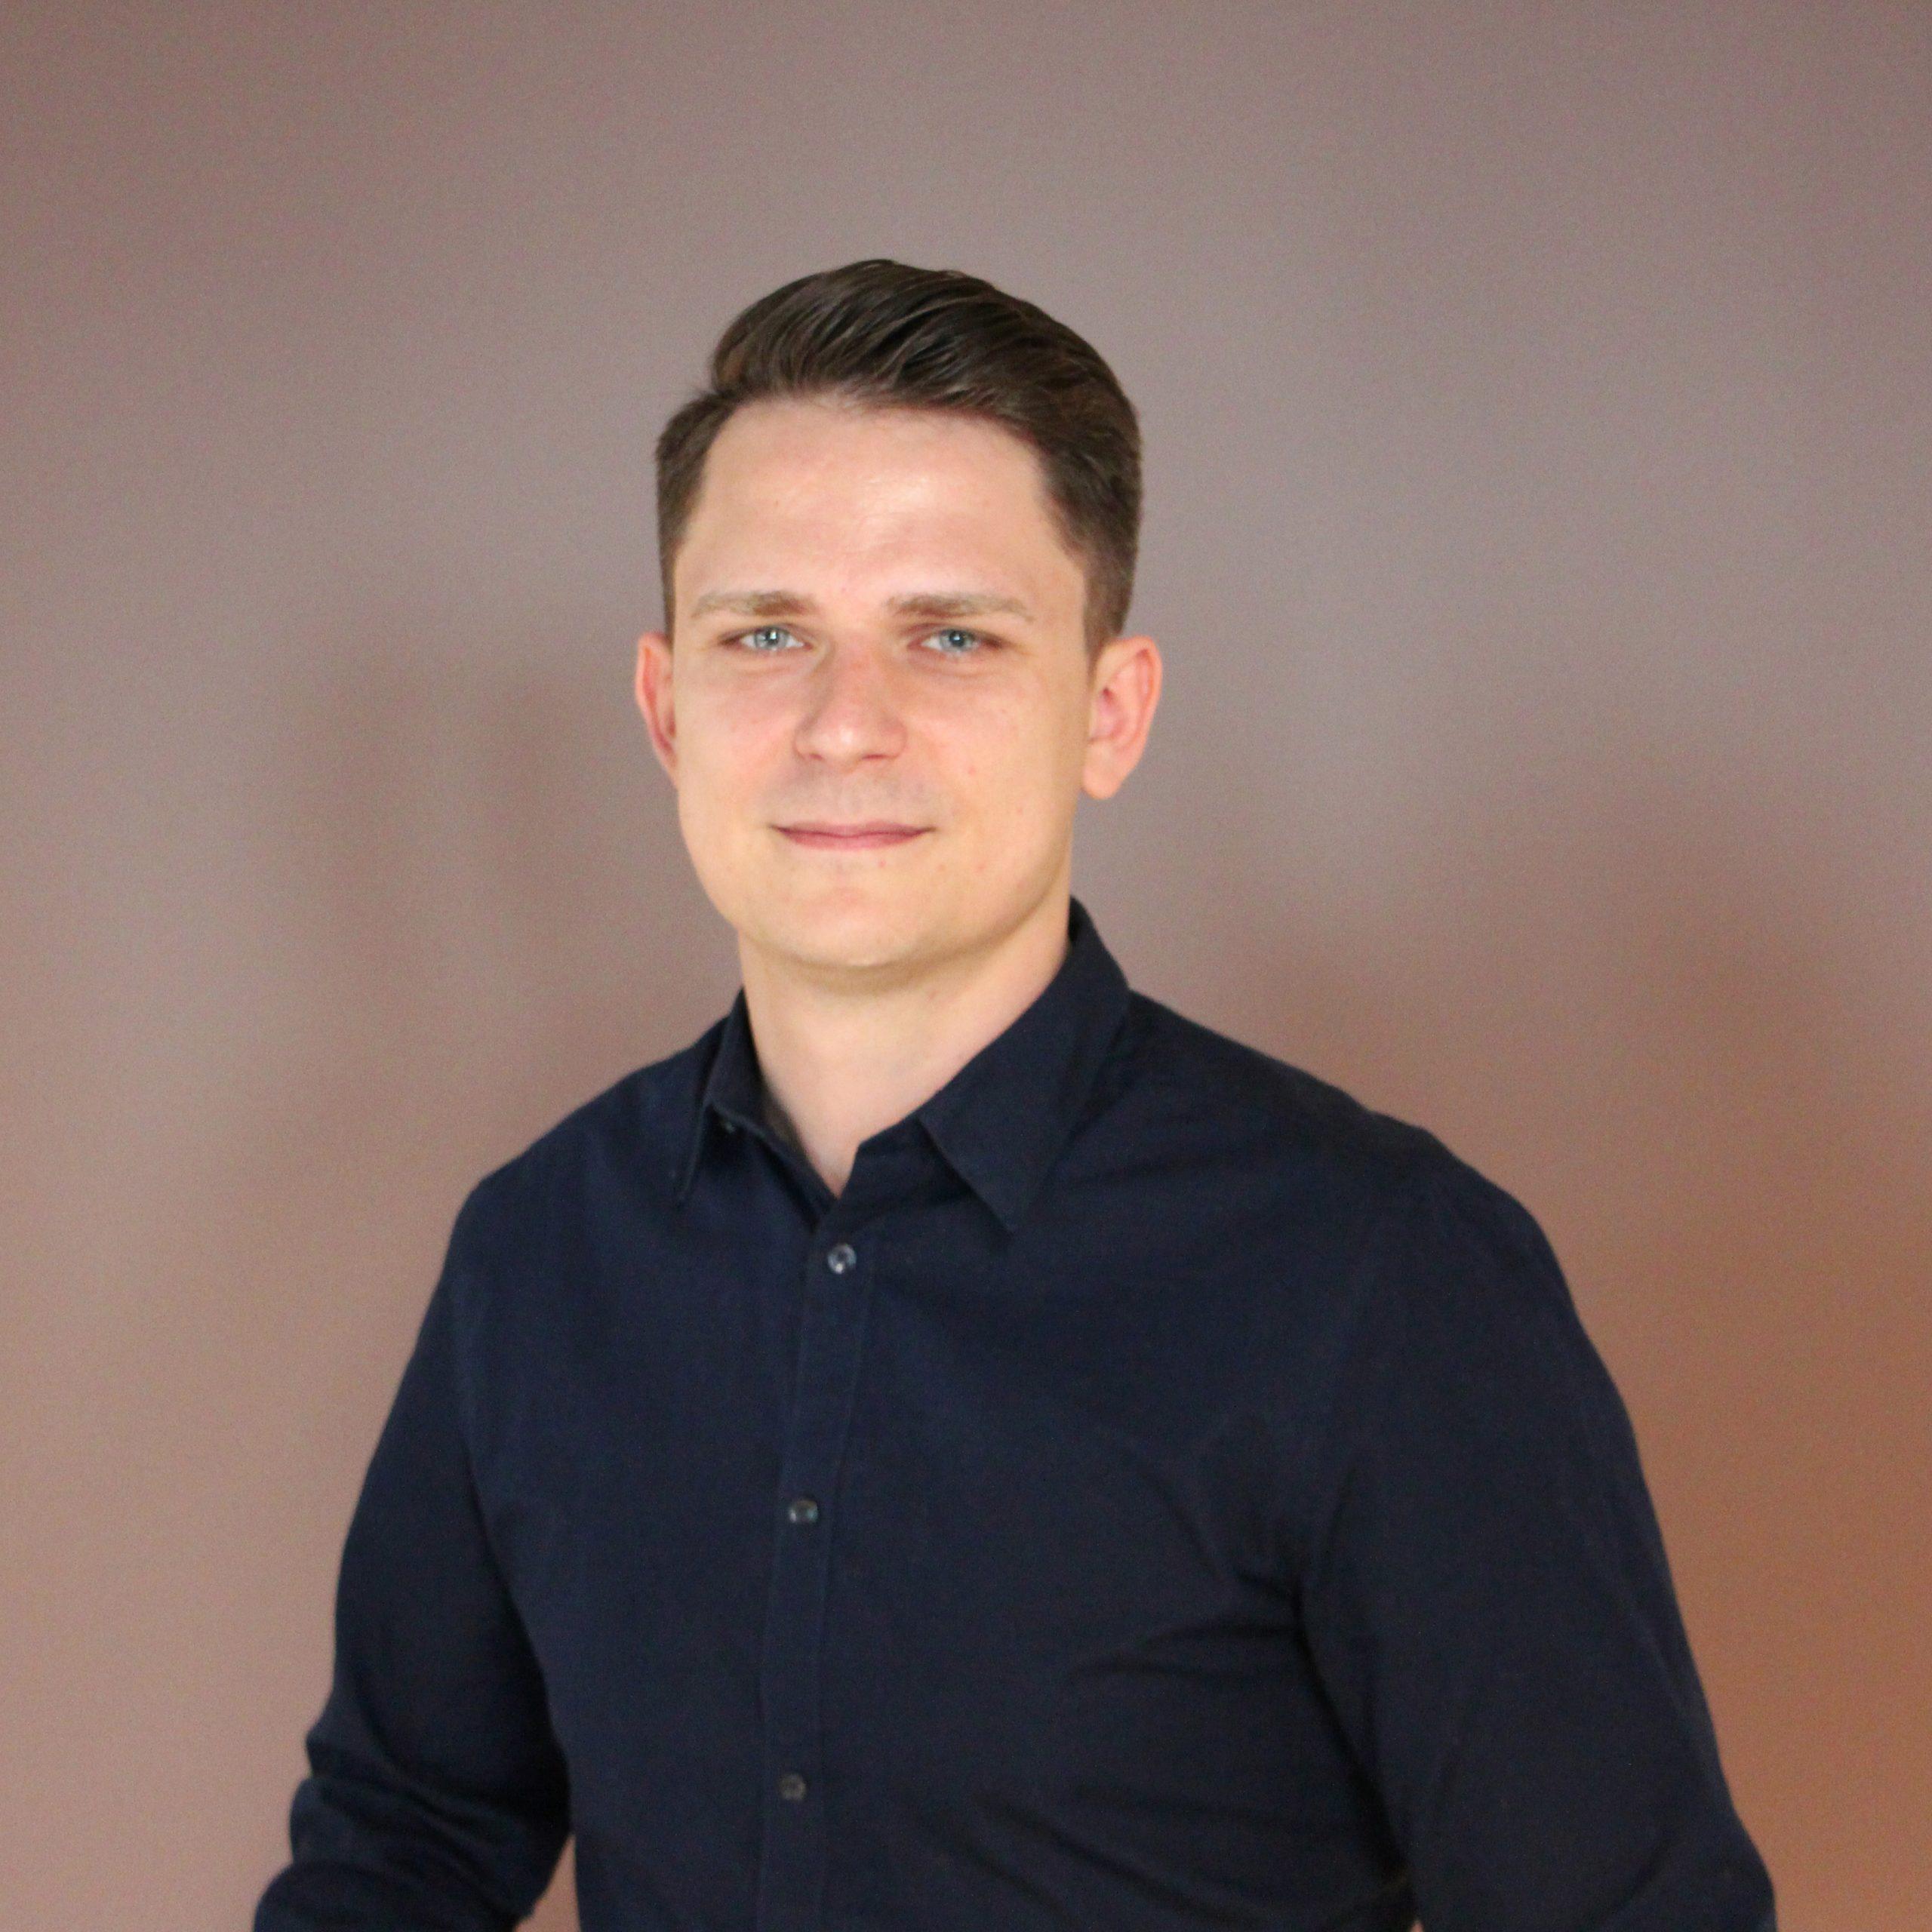 Christoph Meinert